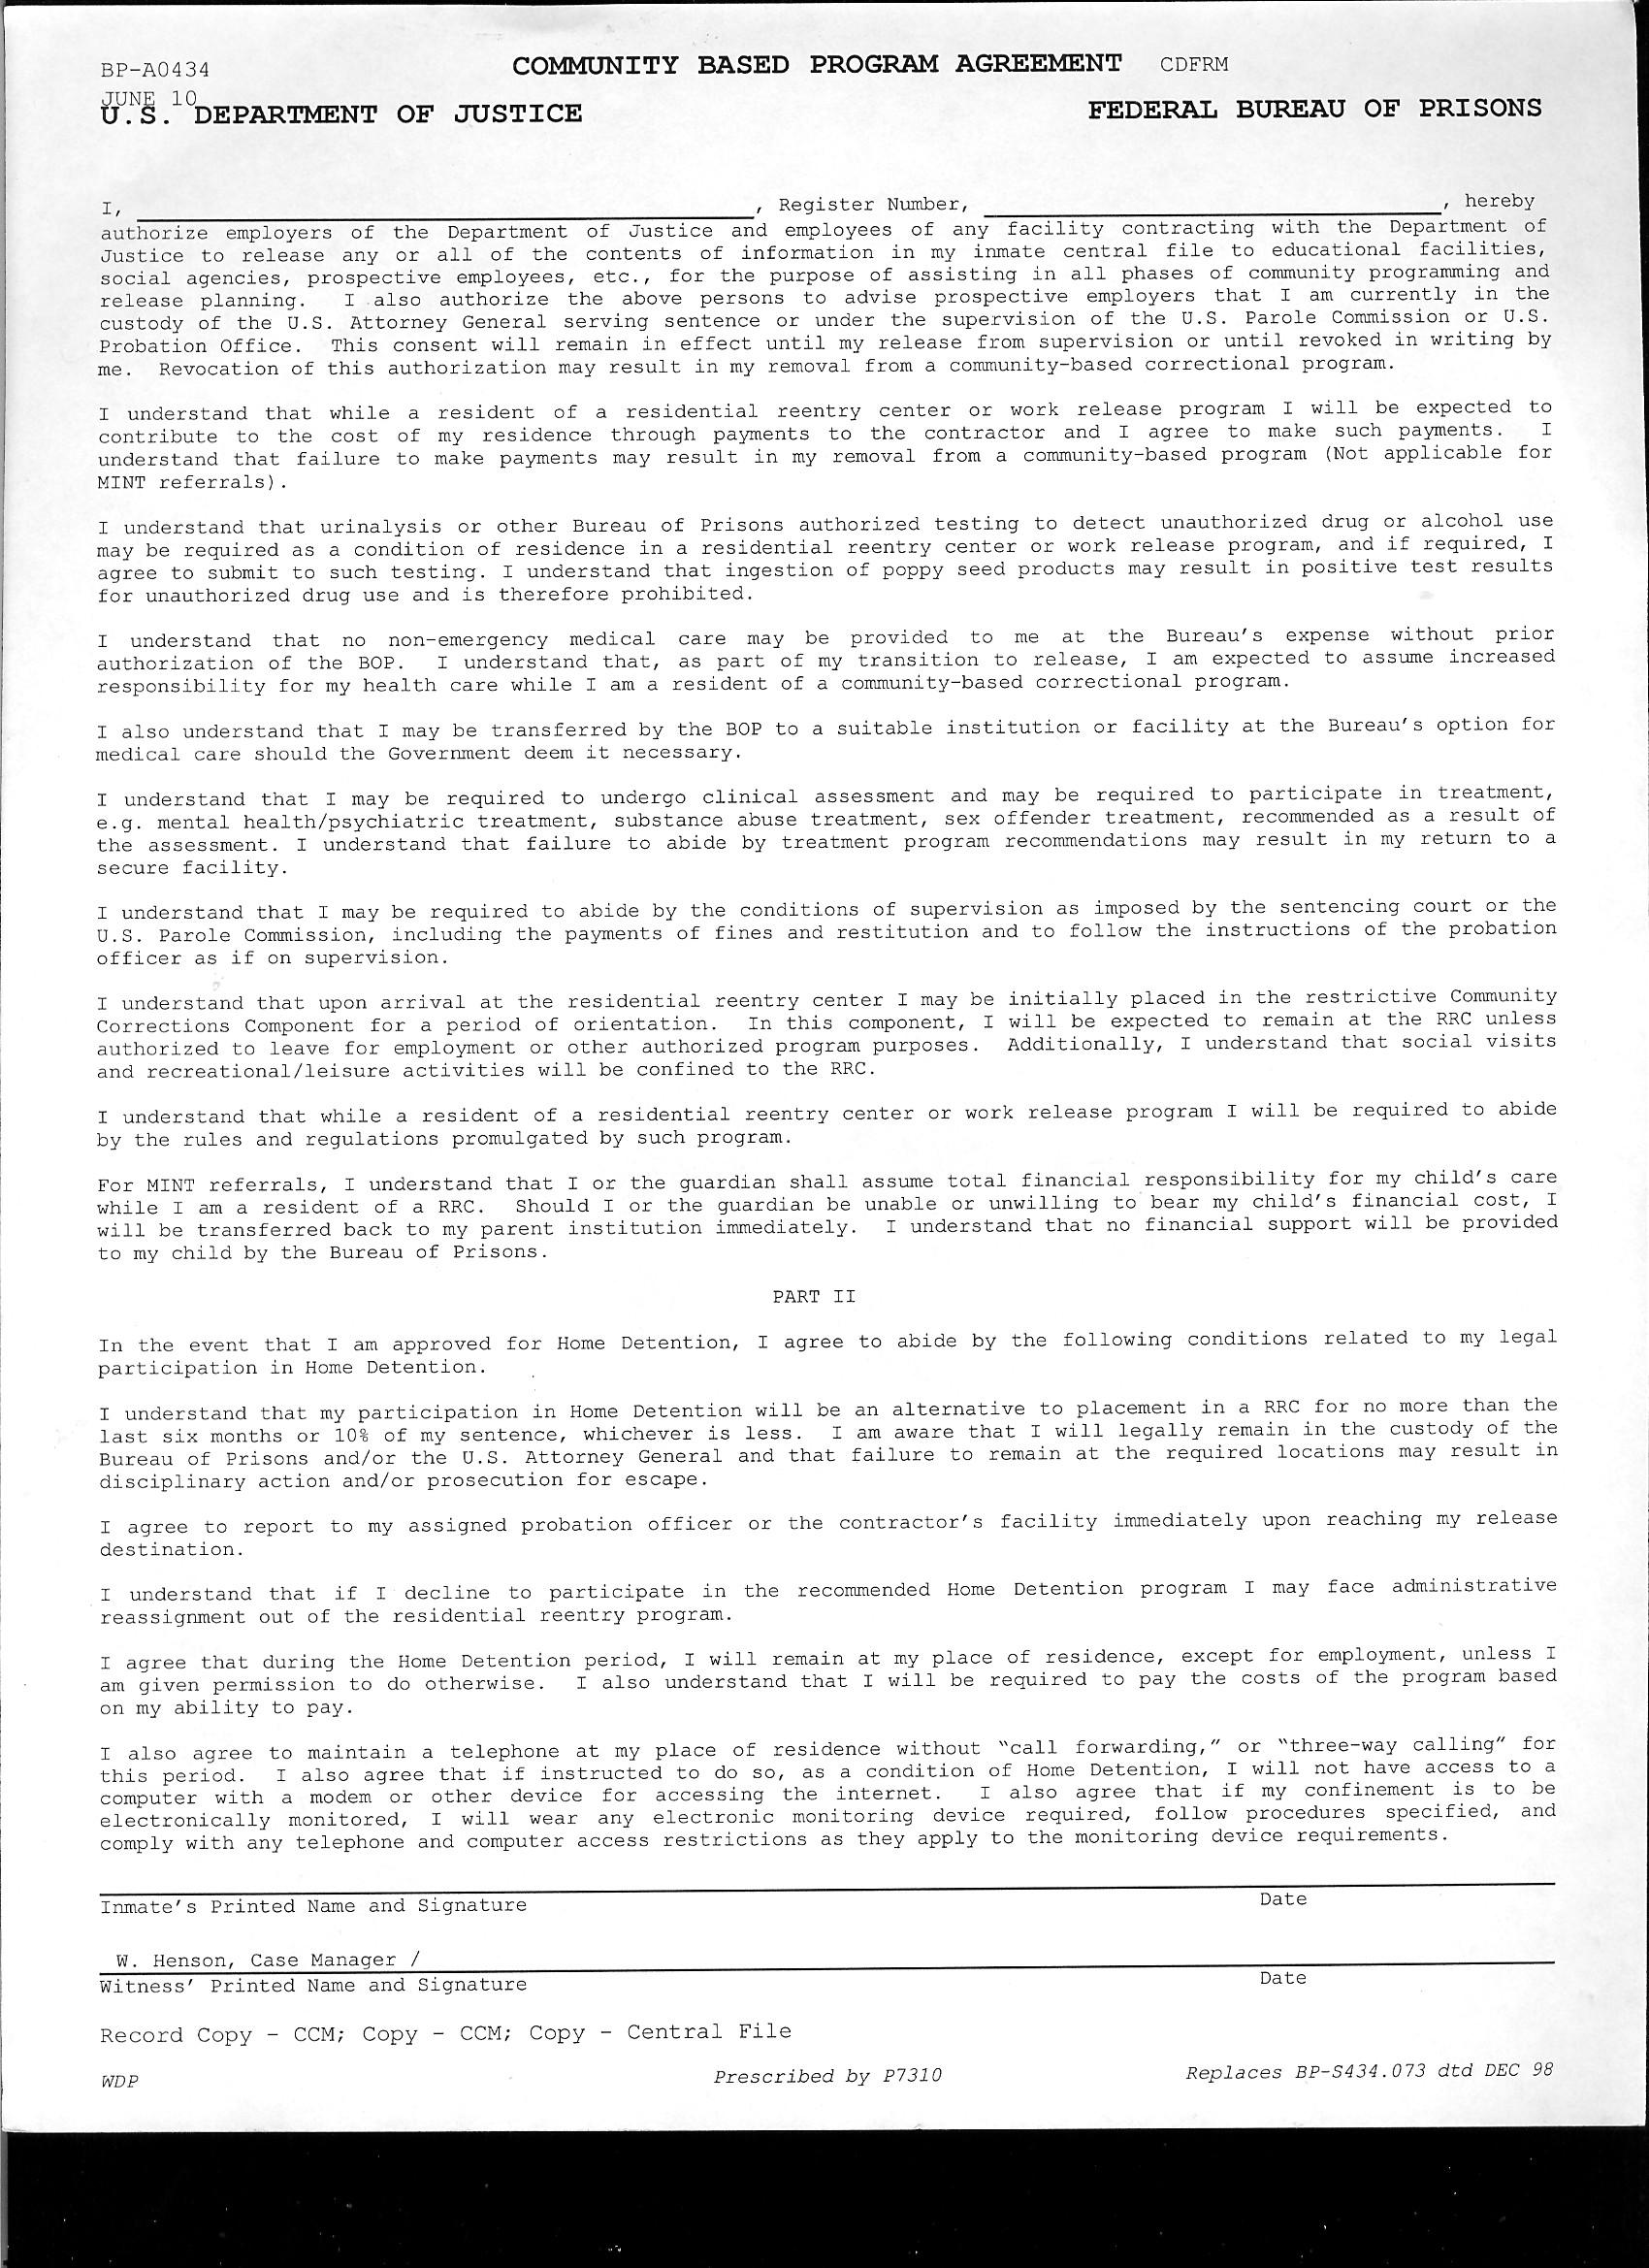 community based Program Agreement